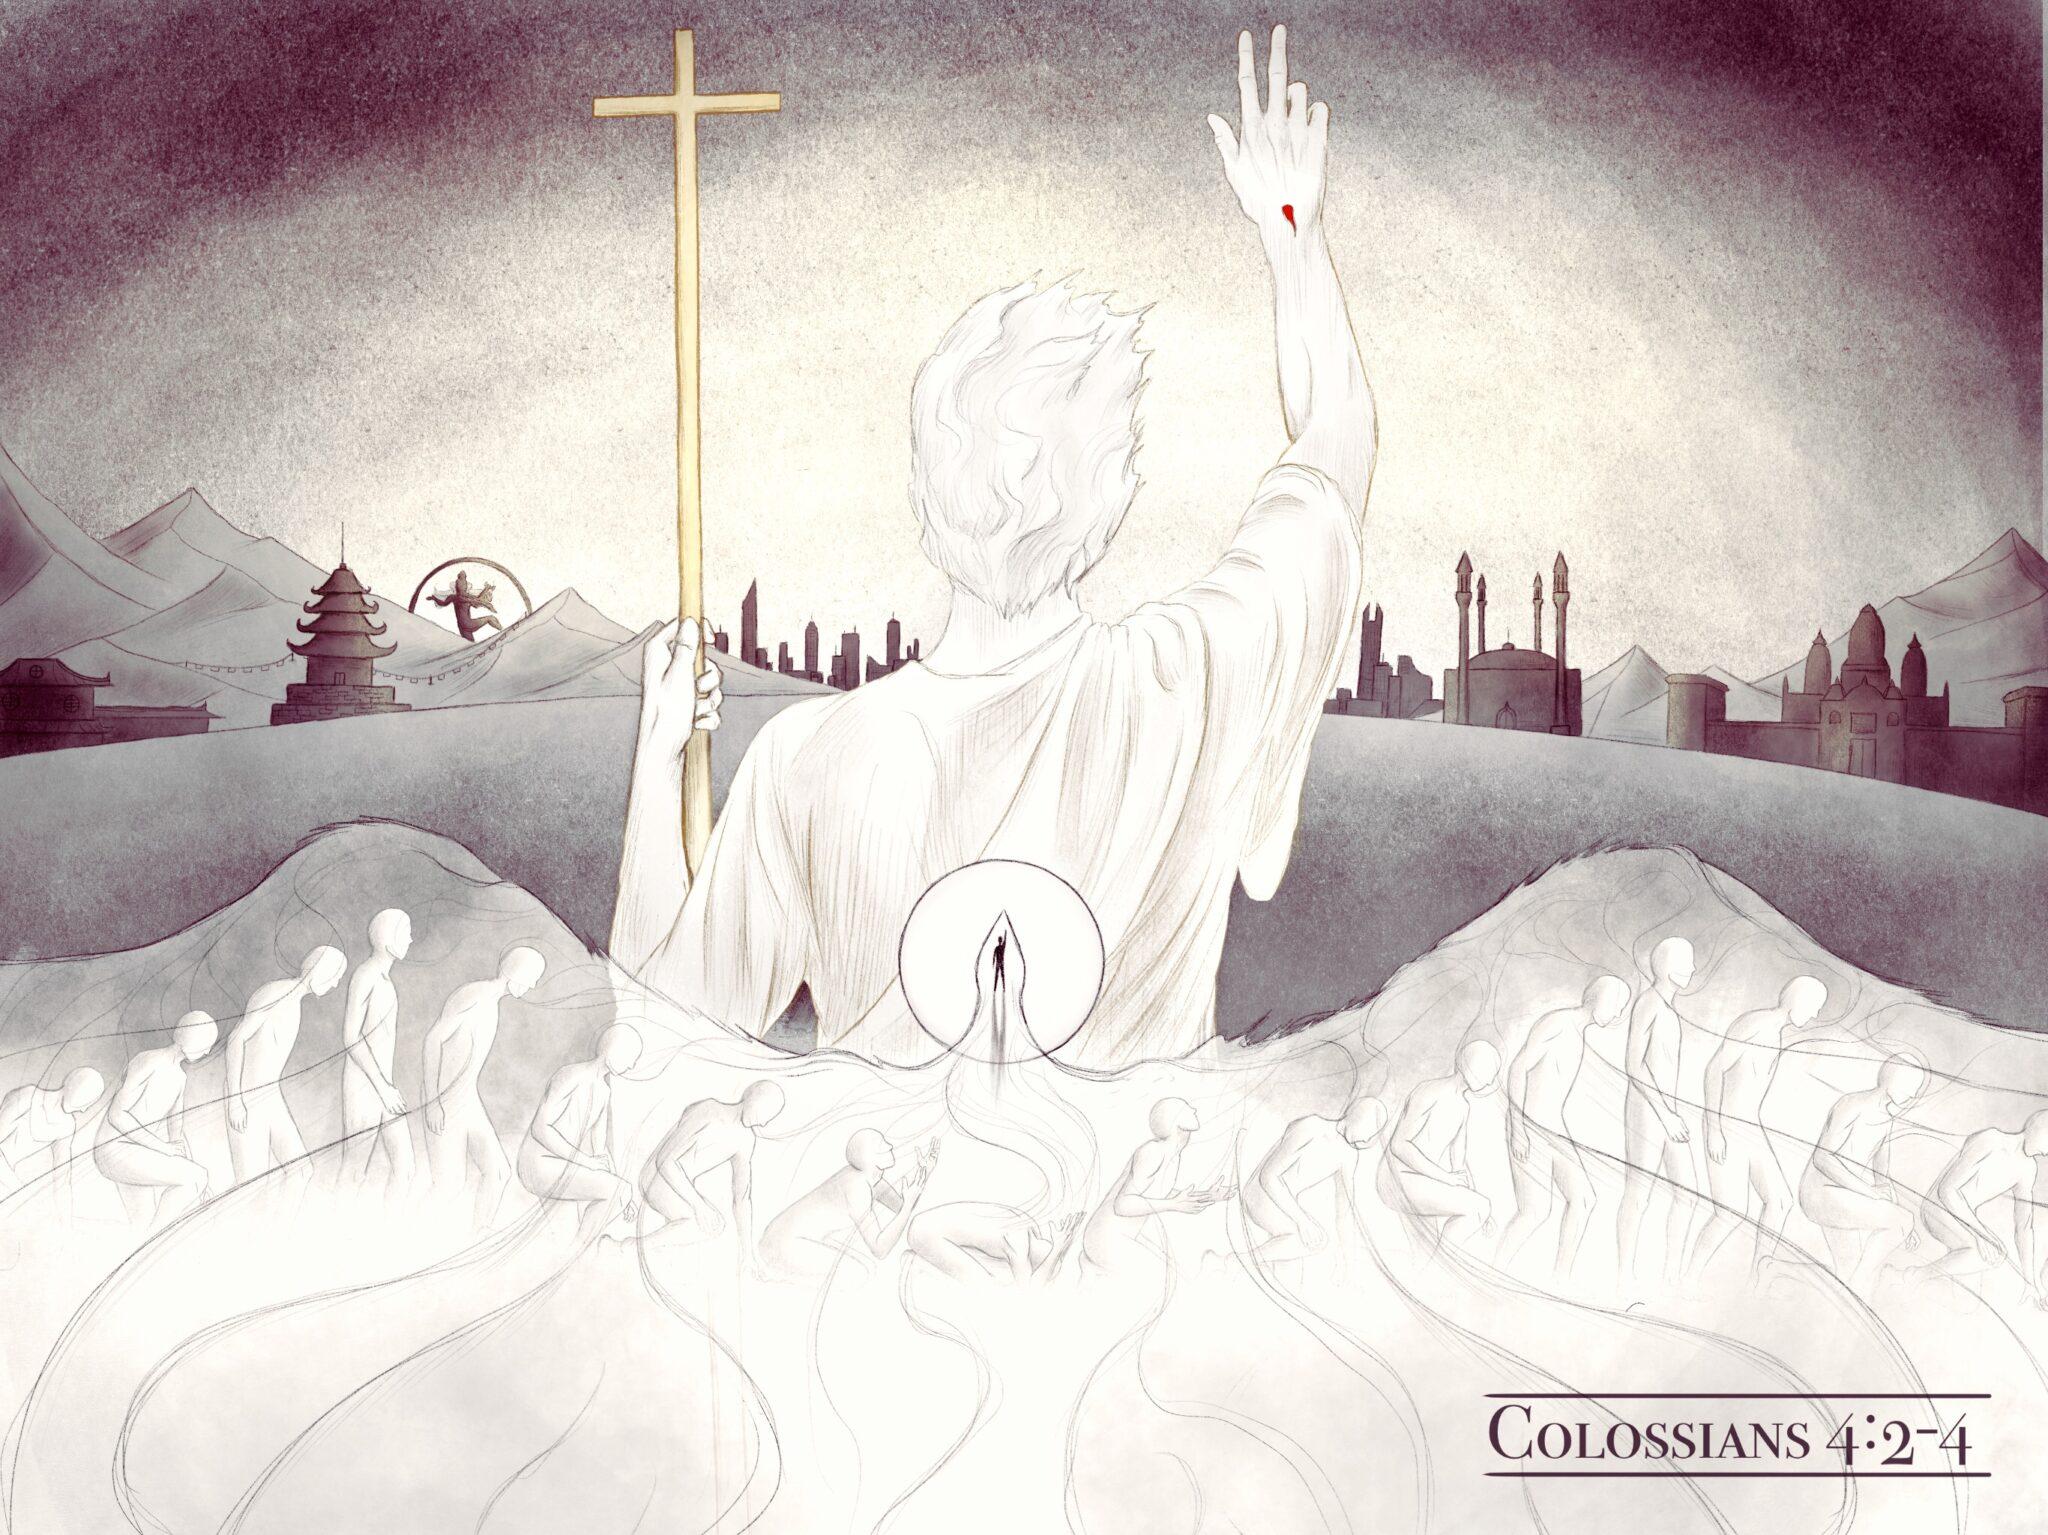 Colossians_4